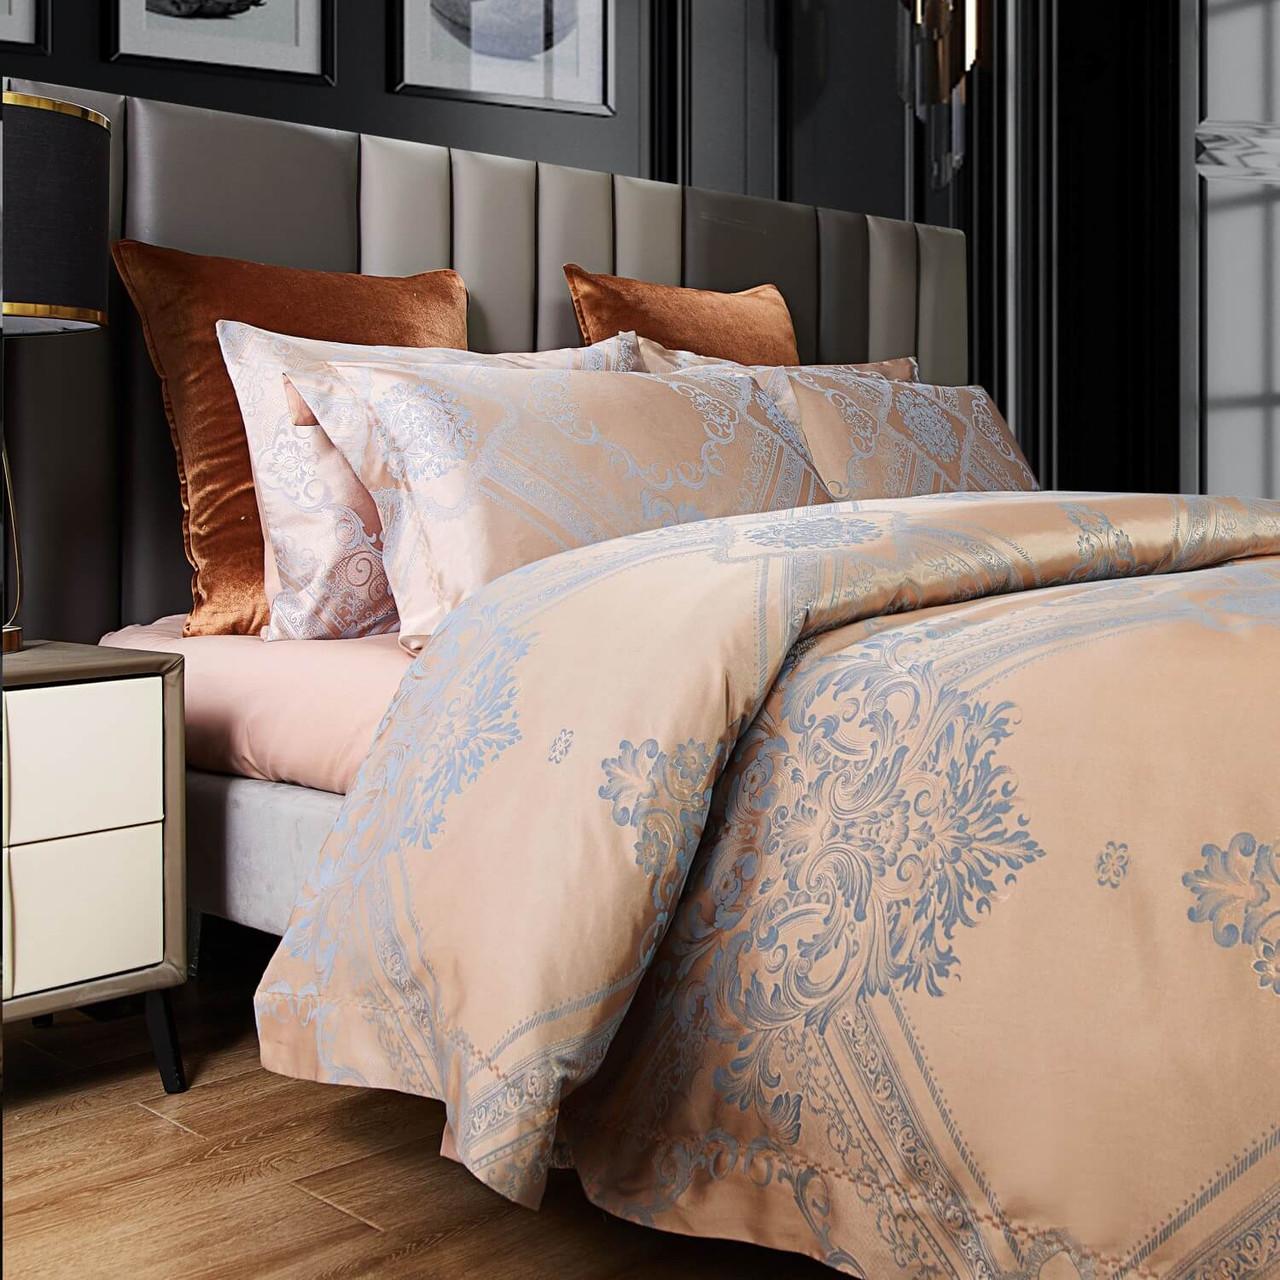 6 Pieces Luxury Jacquard Queen Size Duvet Cover Set DM810Q